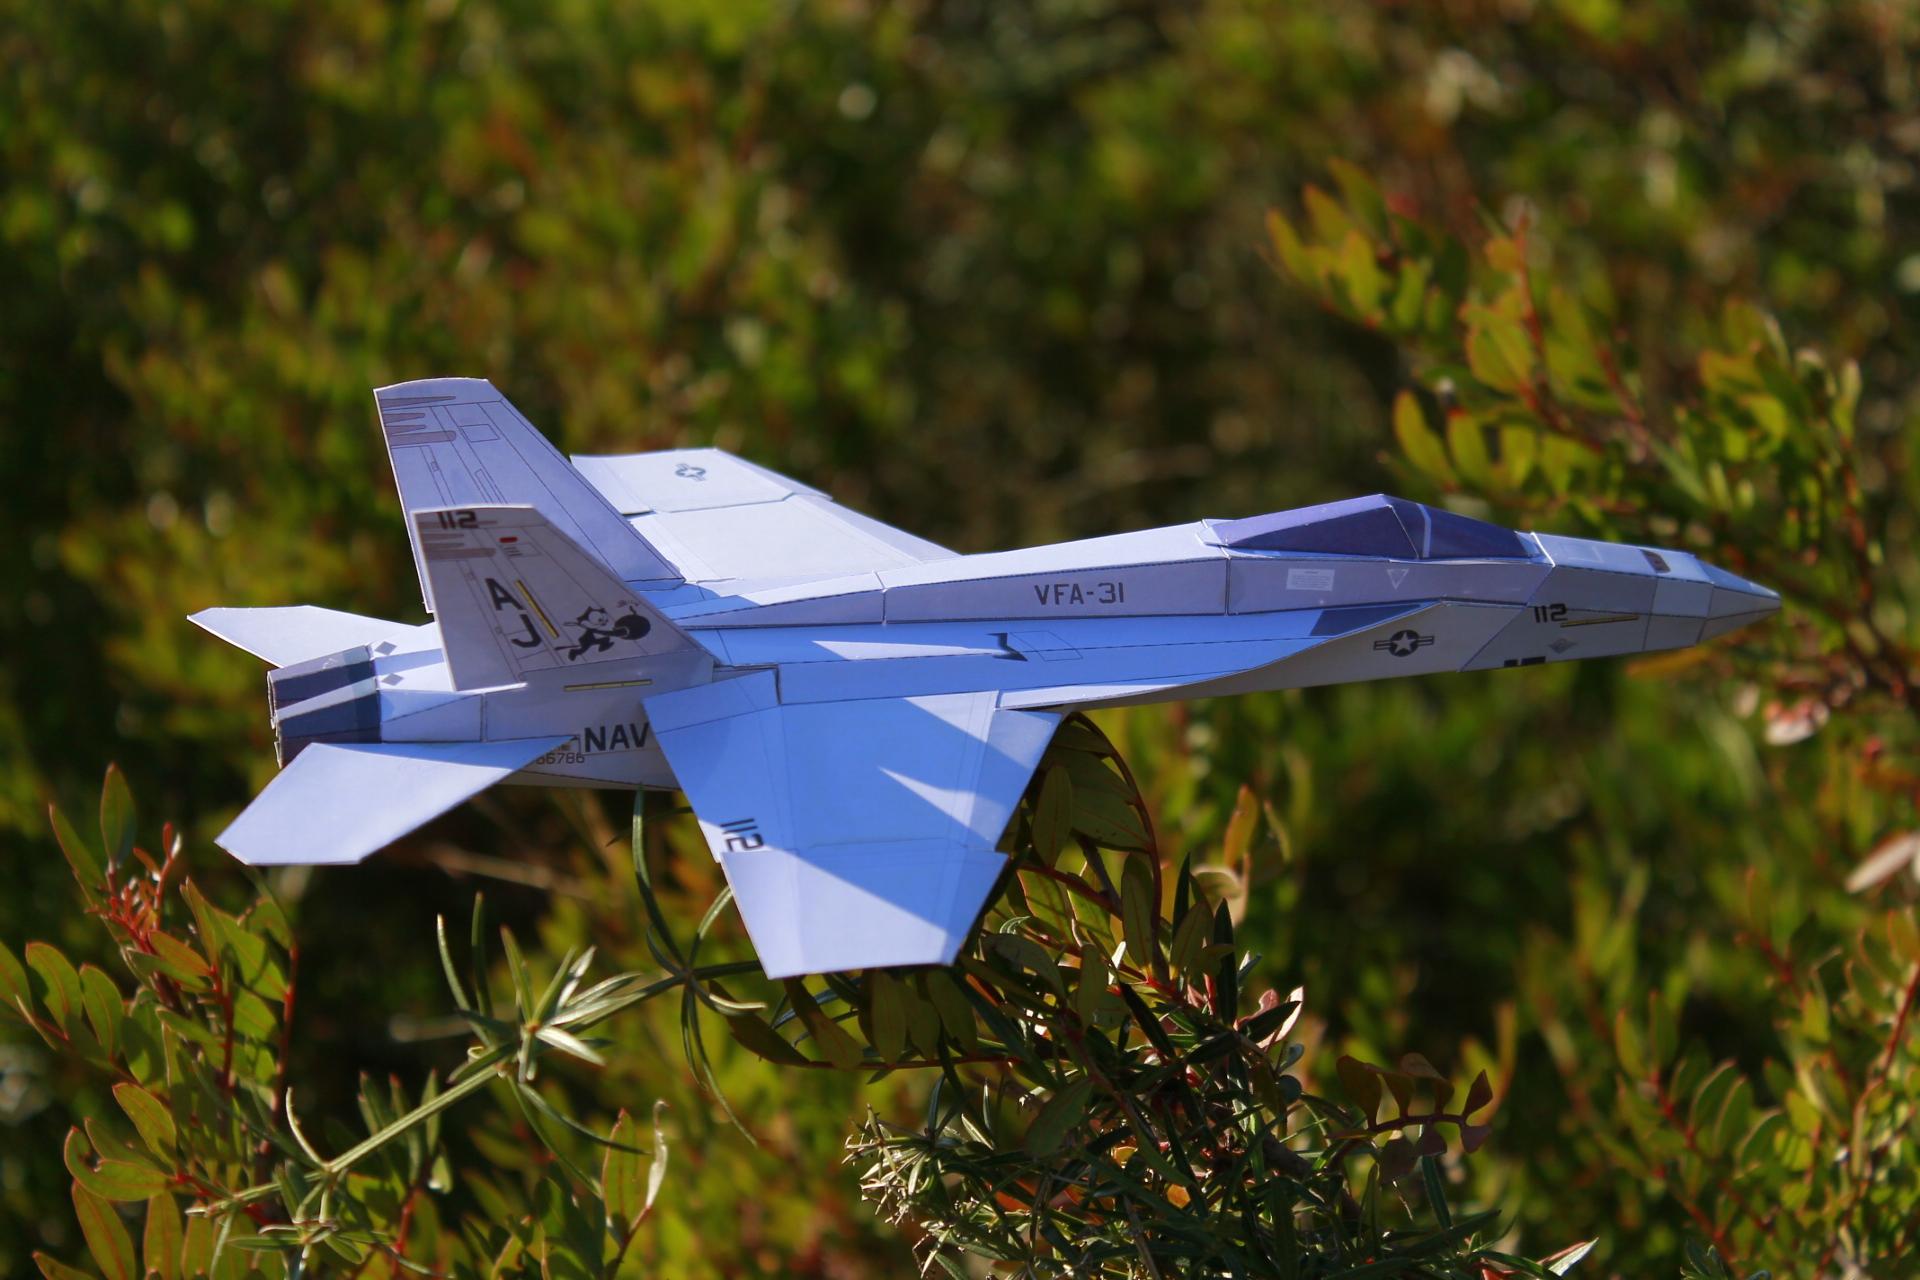 F-18E-VFA-31-P6